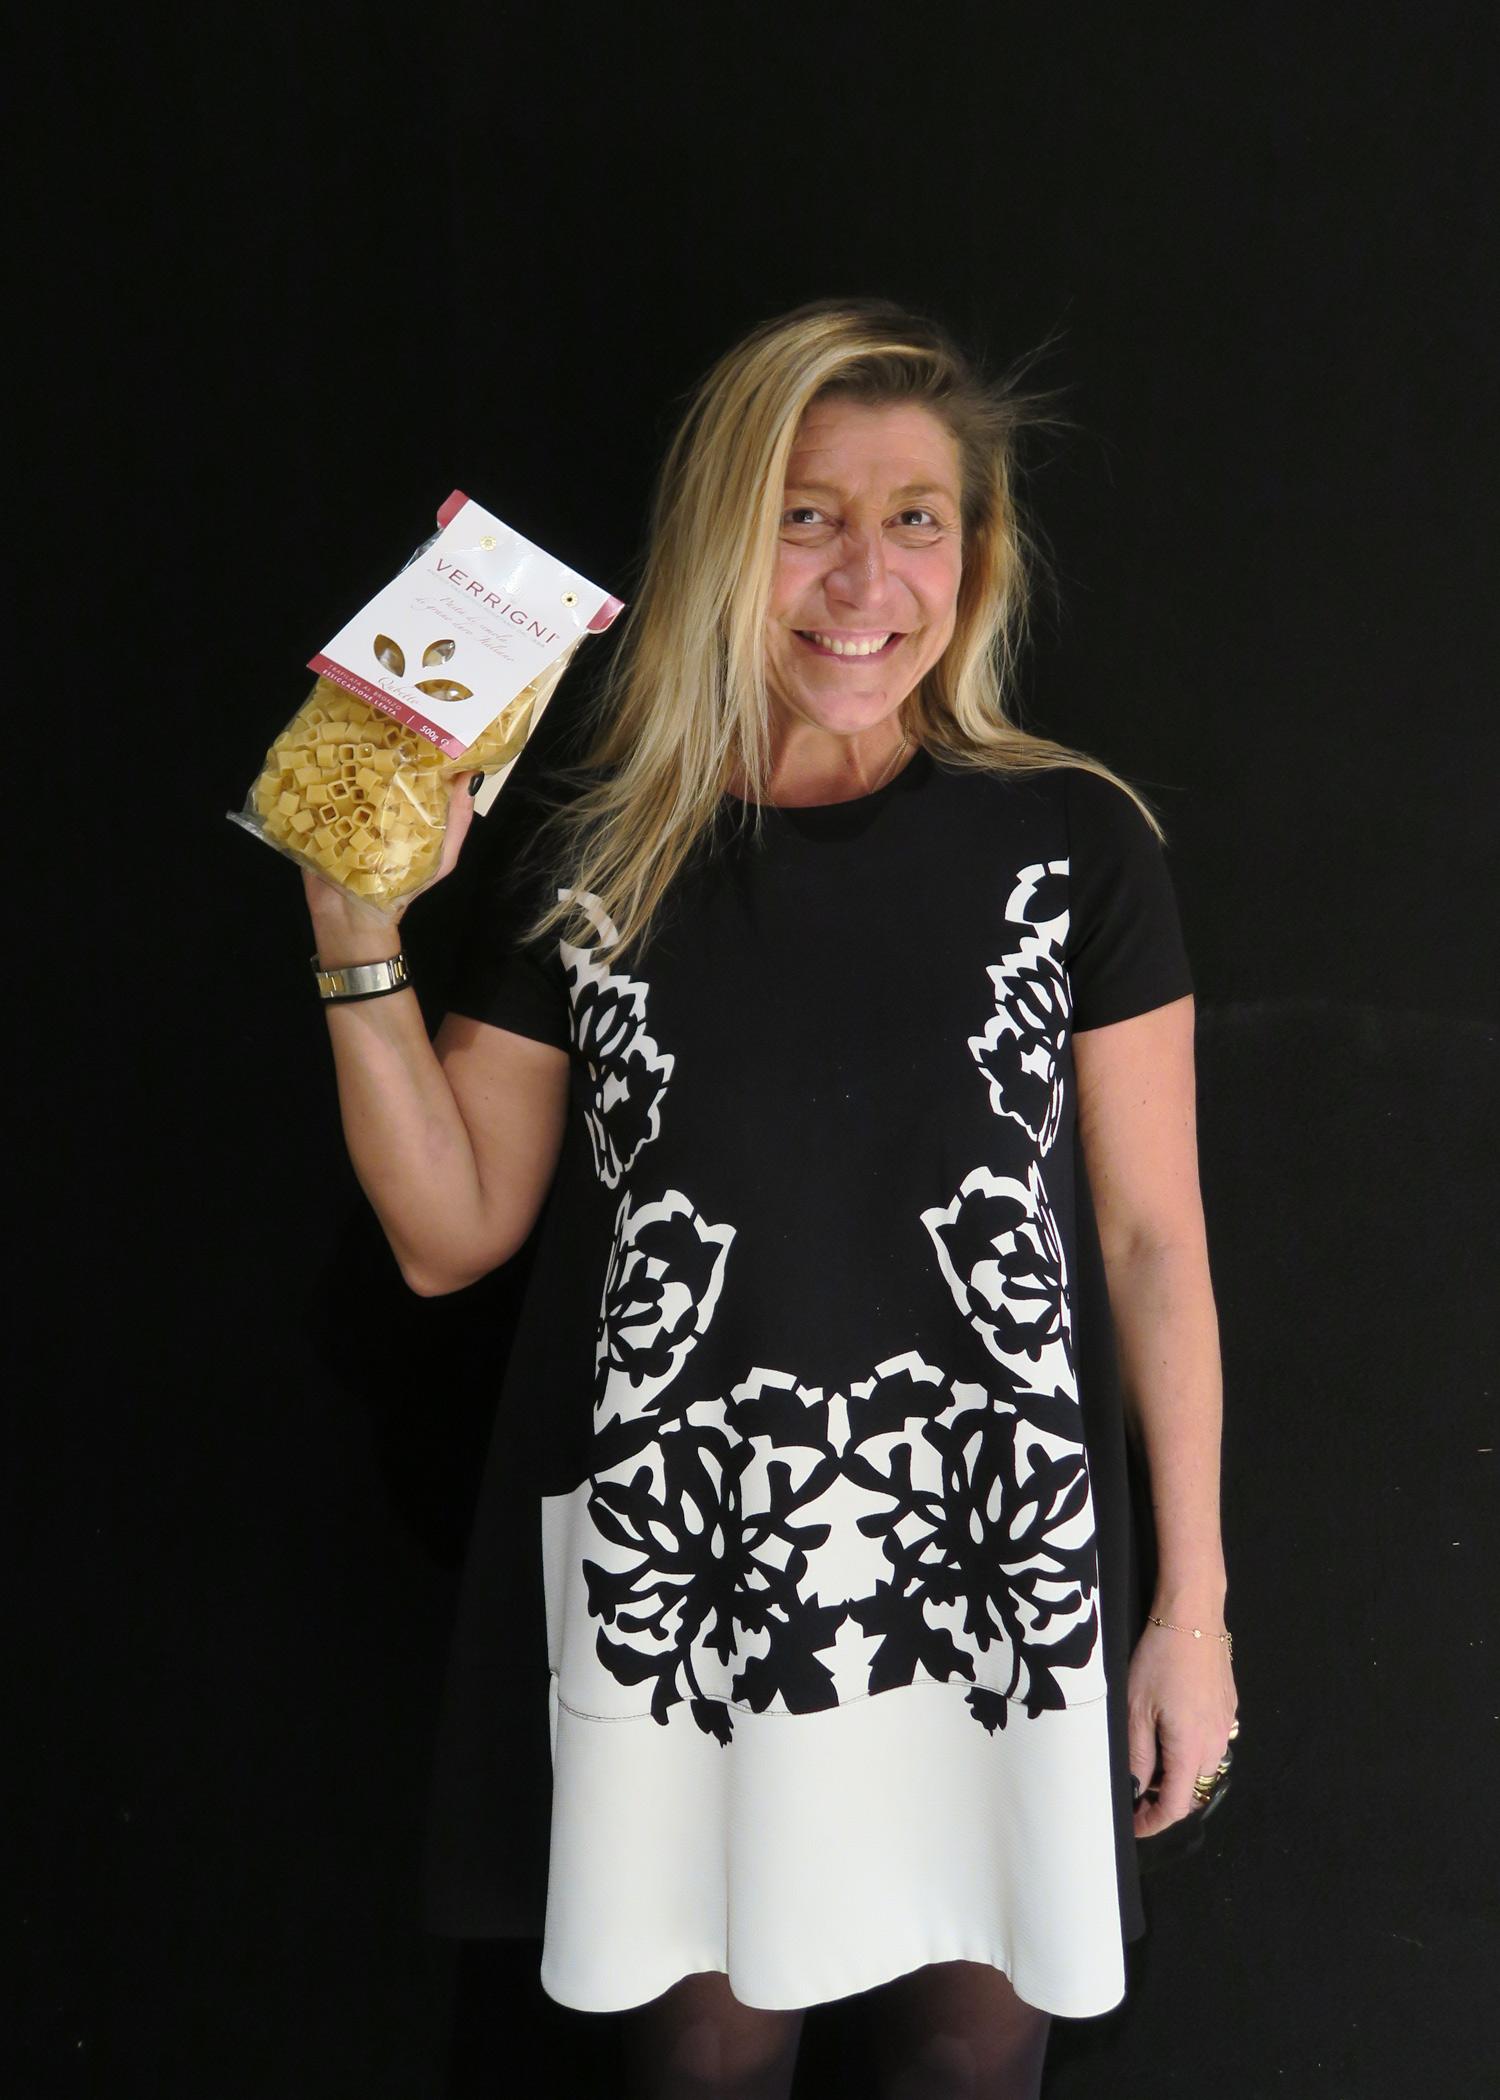 Francesca Petrei Castelli con Qubetto, uno dei nuovi formati di pasta Verrigni | © Sandra Longinotti